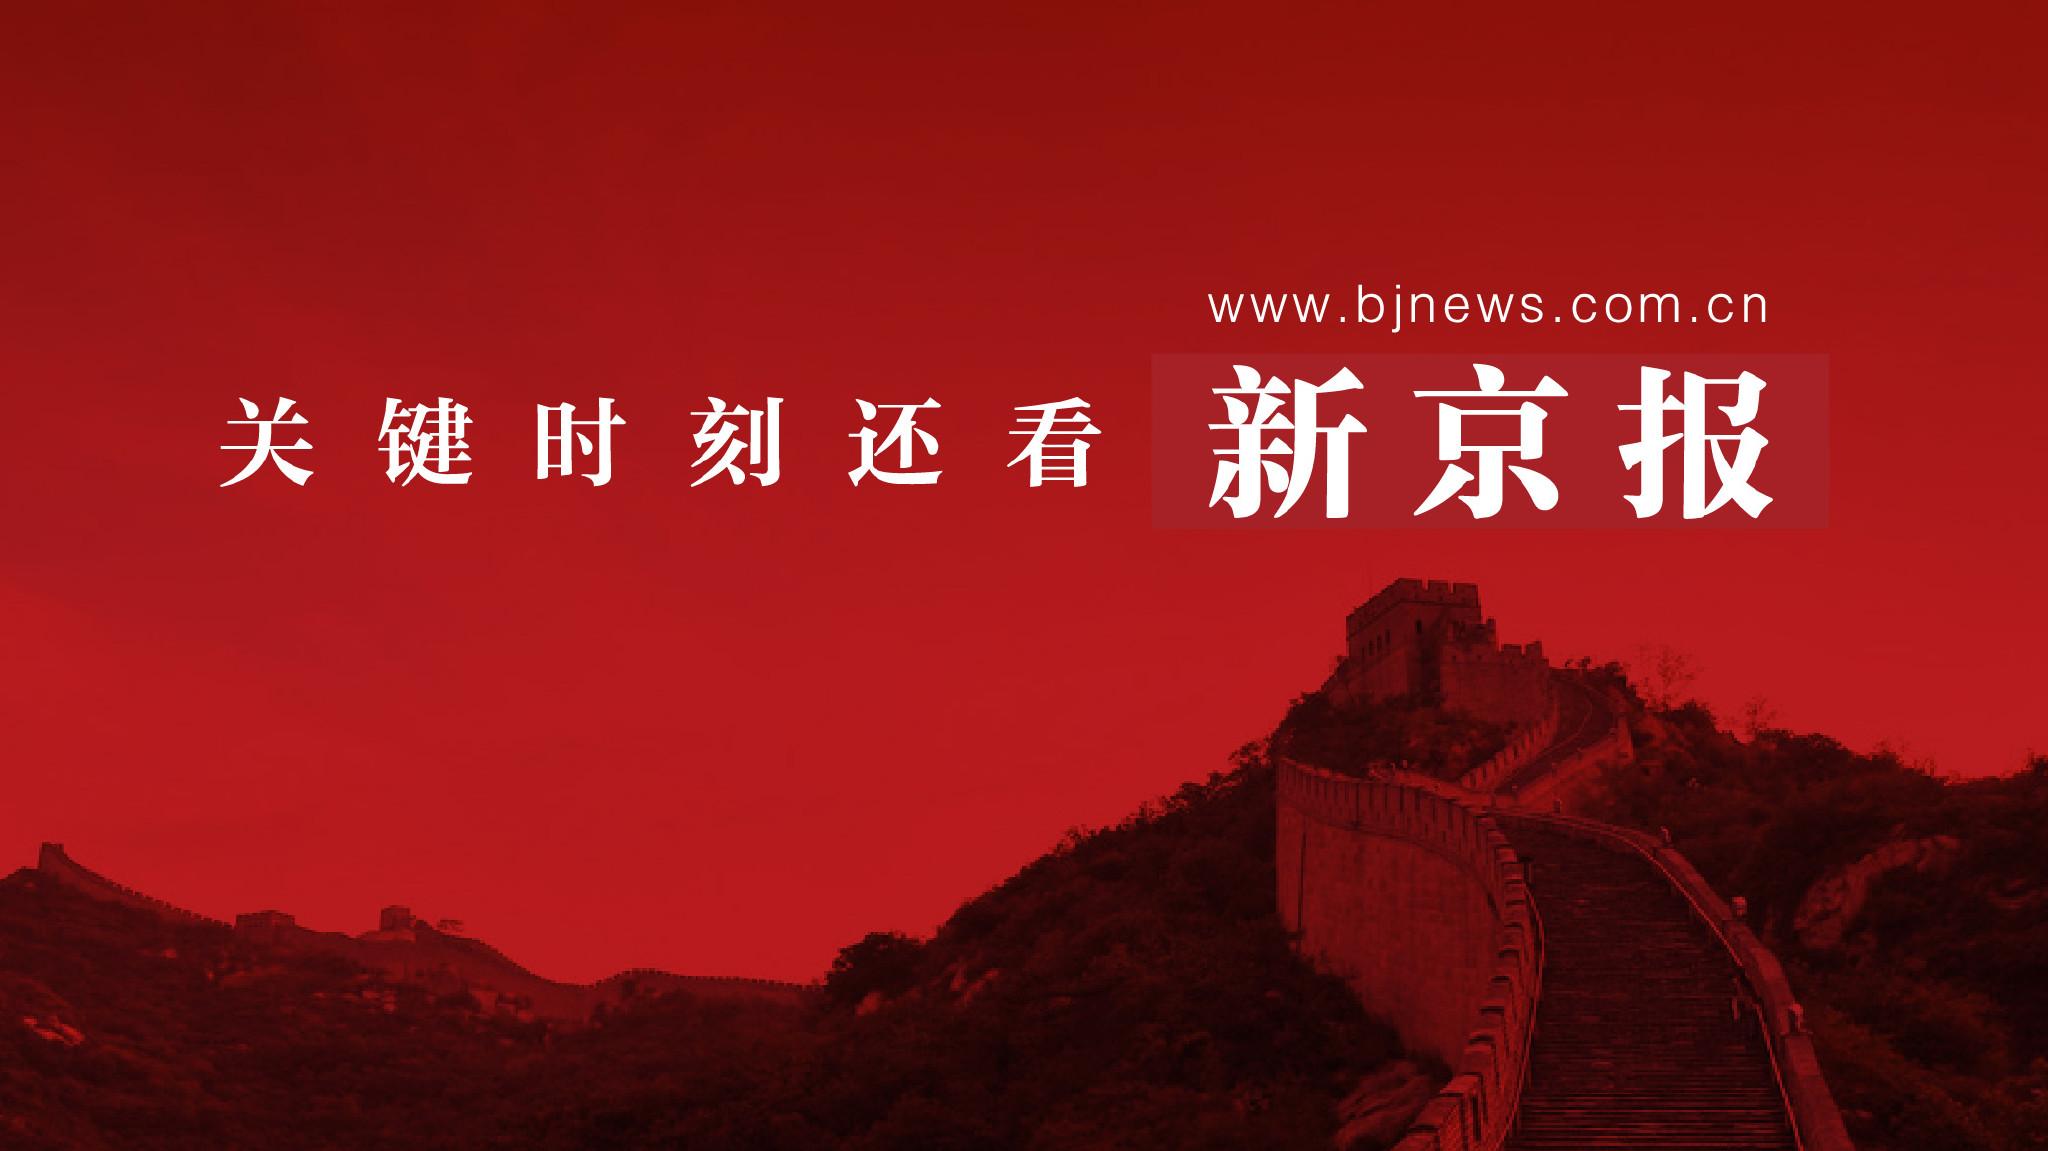 北京五环内禁止新设三级医院